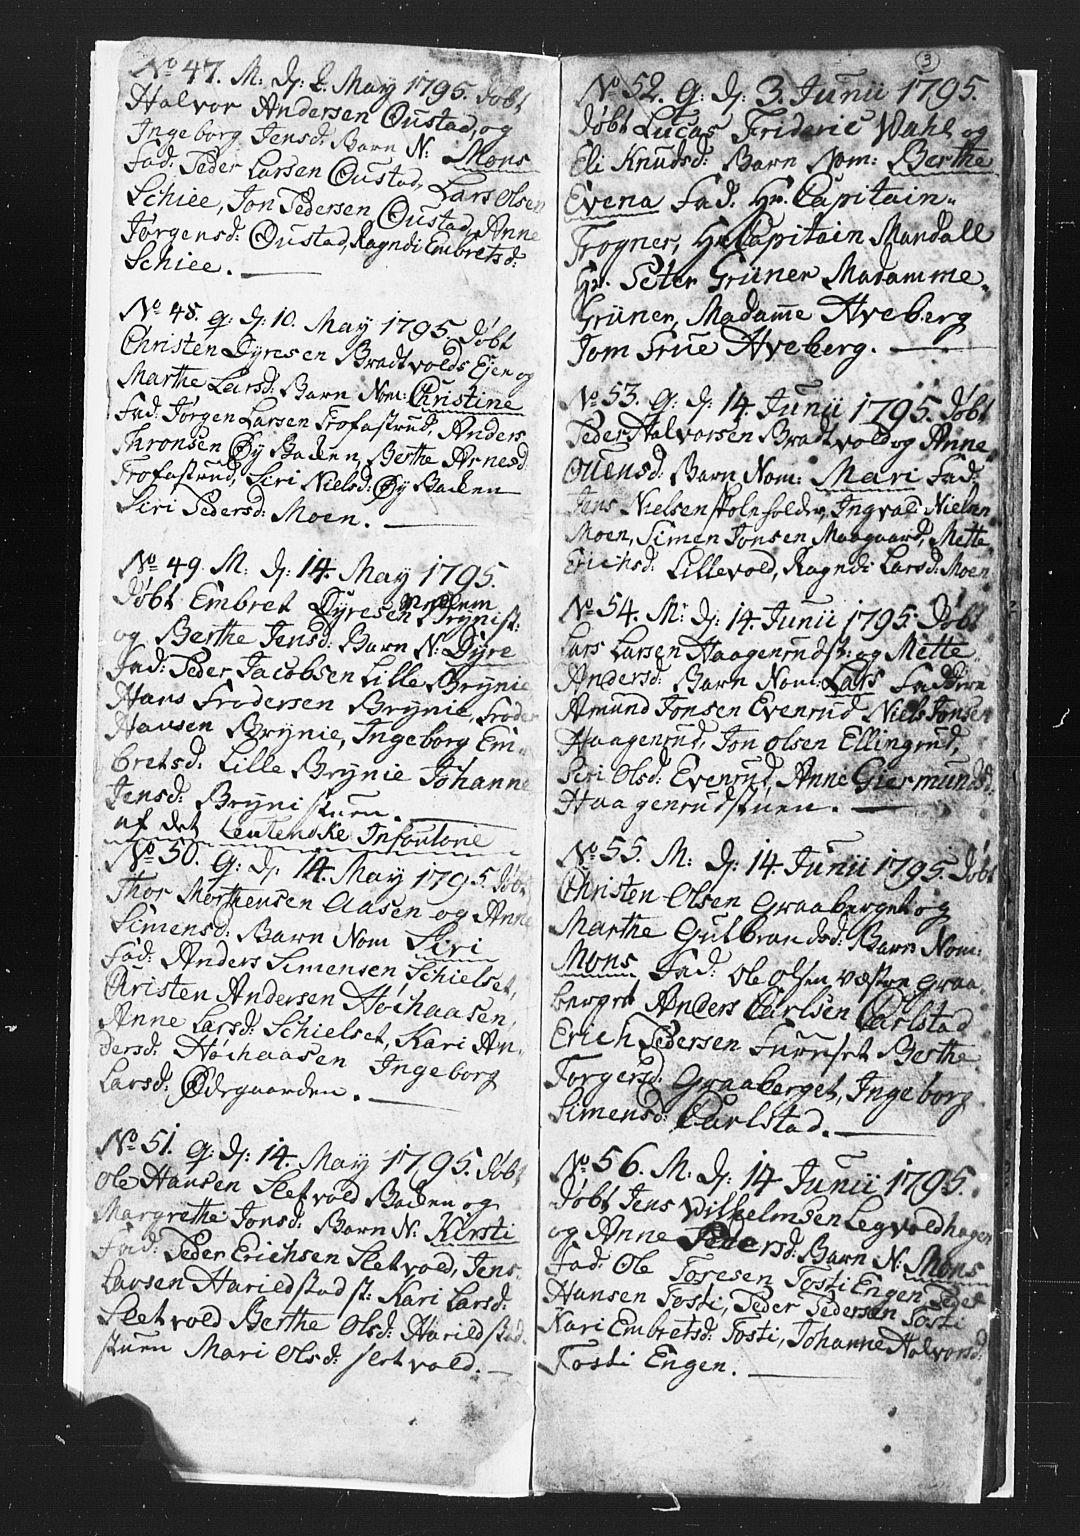 SAH, Romedal prestekontor, L/L0002: Klokkerbok nr. 2, 1795-1800, s. 2-3